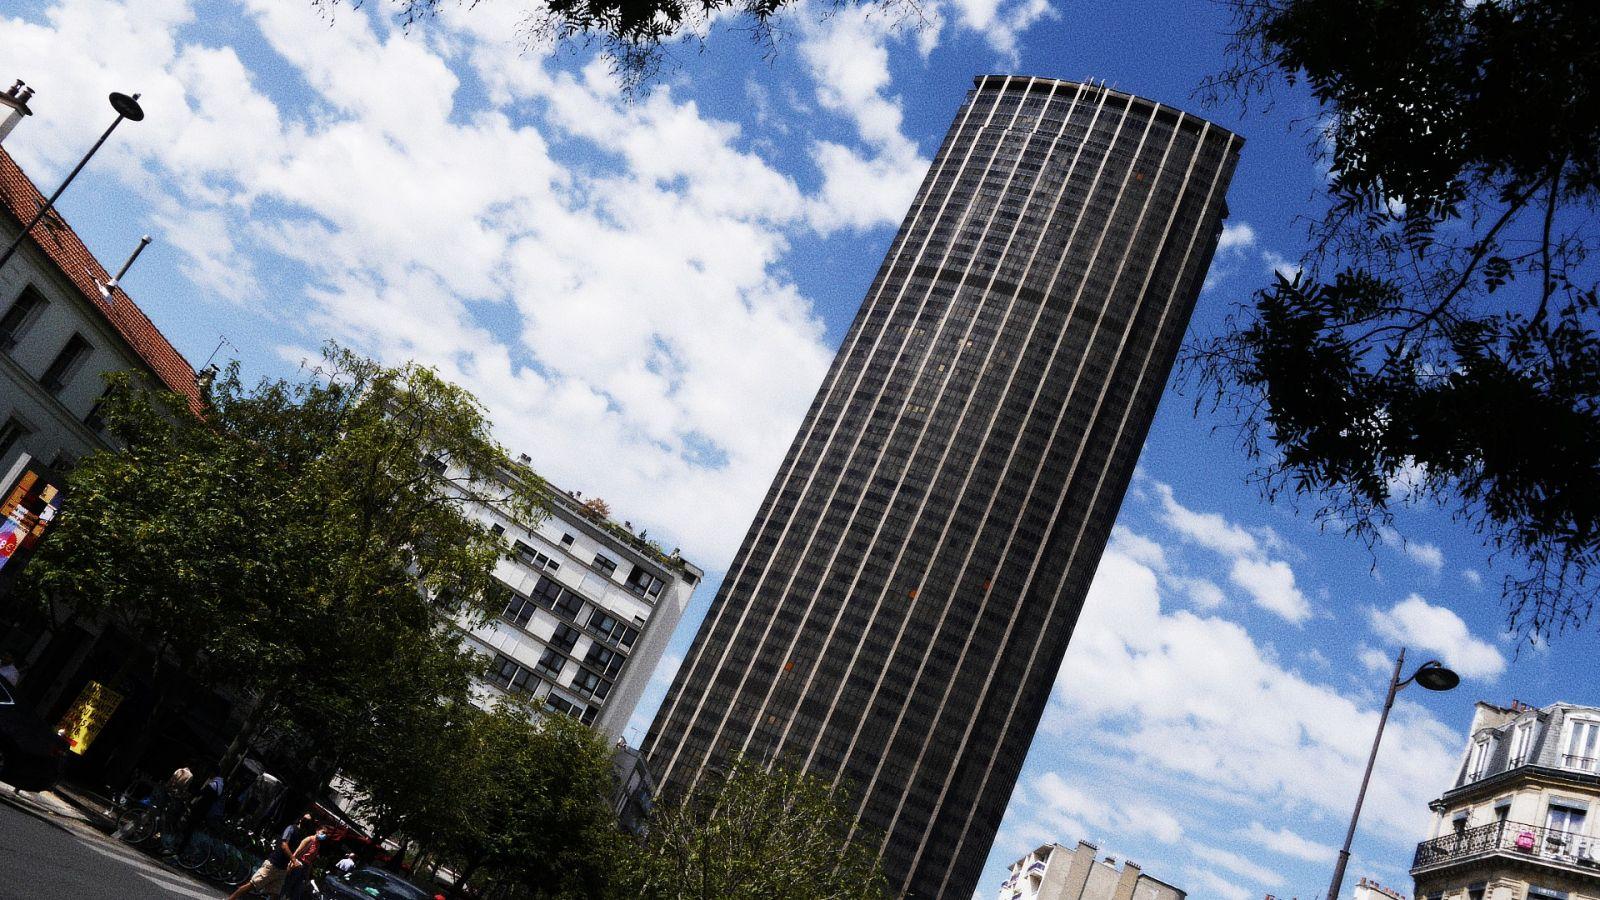 Visitar la torre Montparnasse - EL mejor mirdor panorámico de París